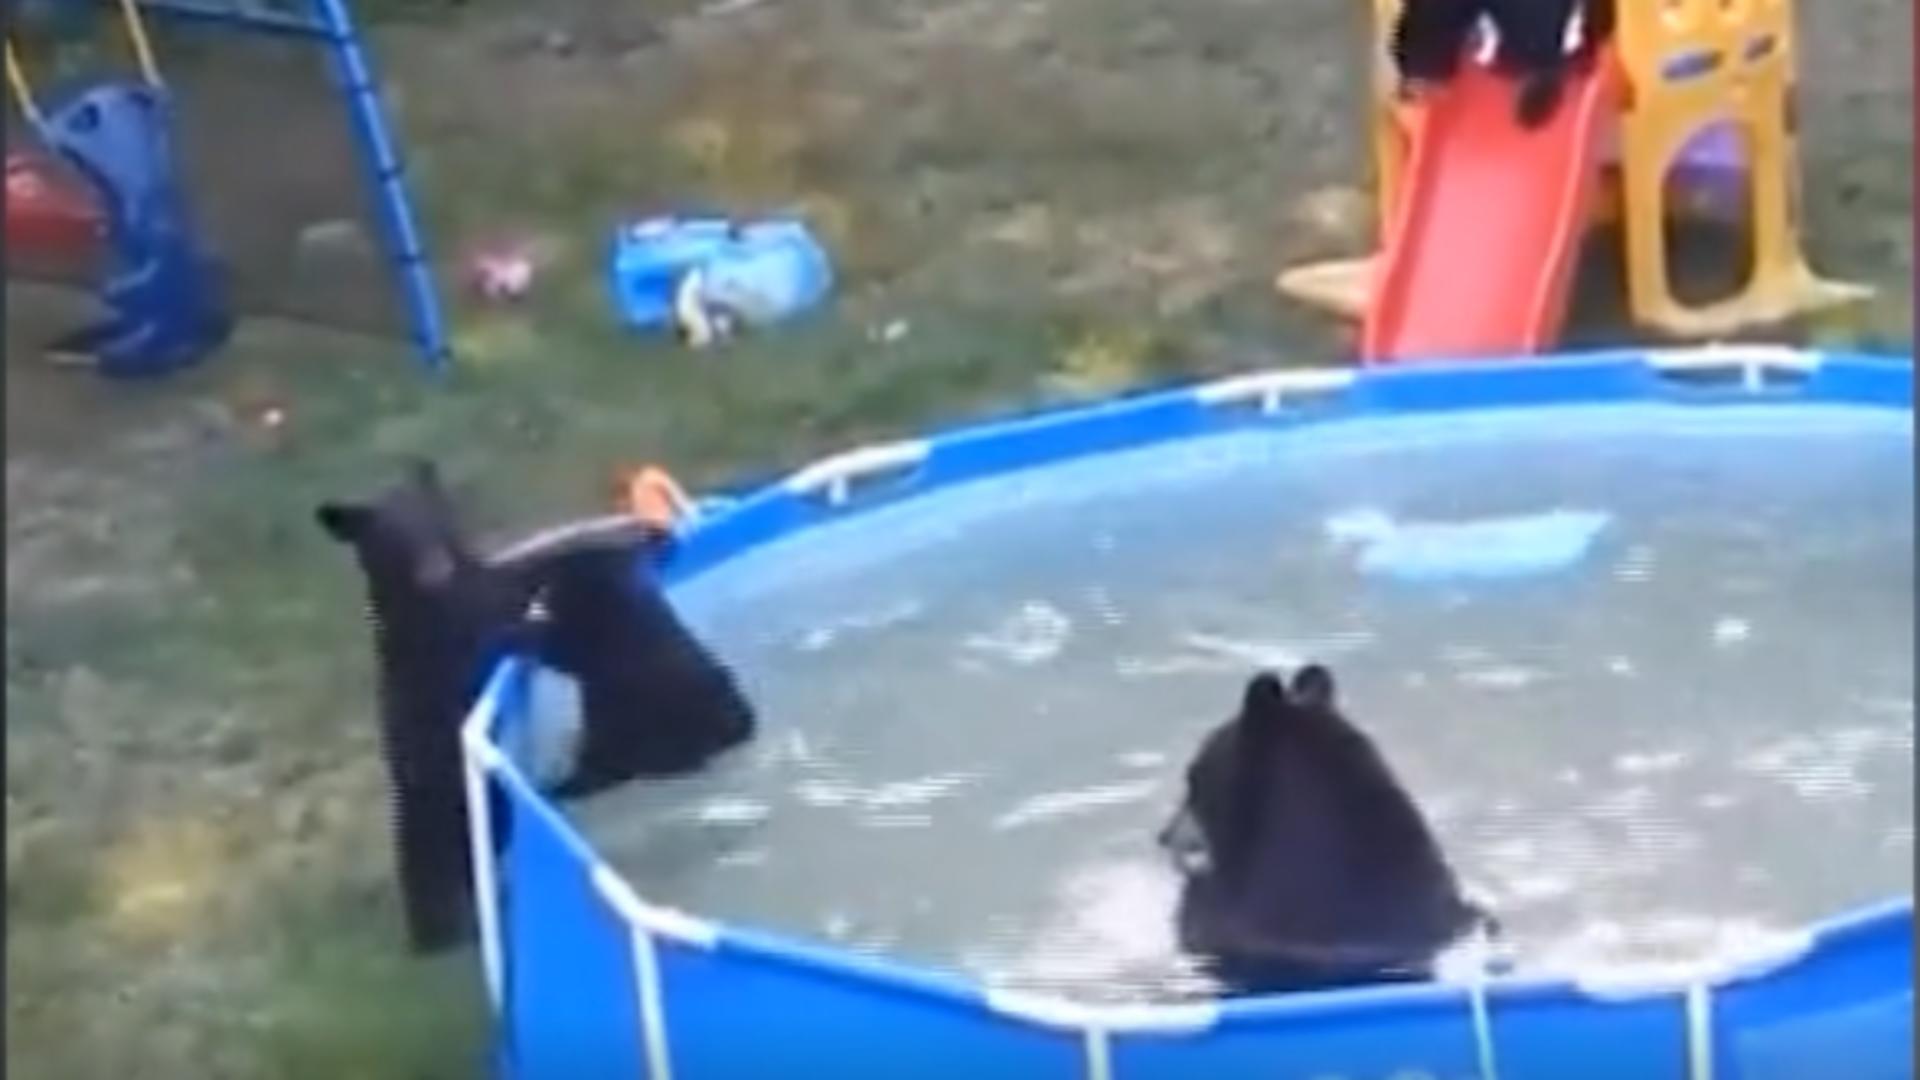 O familie de urși se distrează la piscină